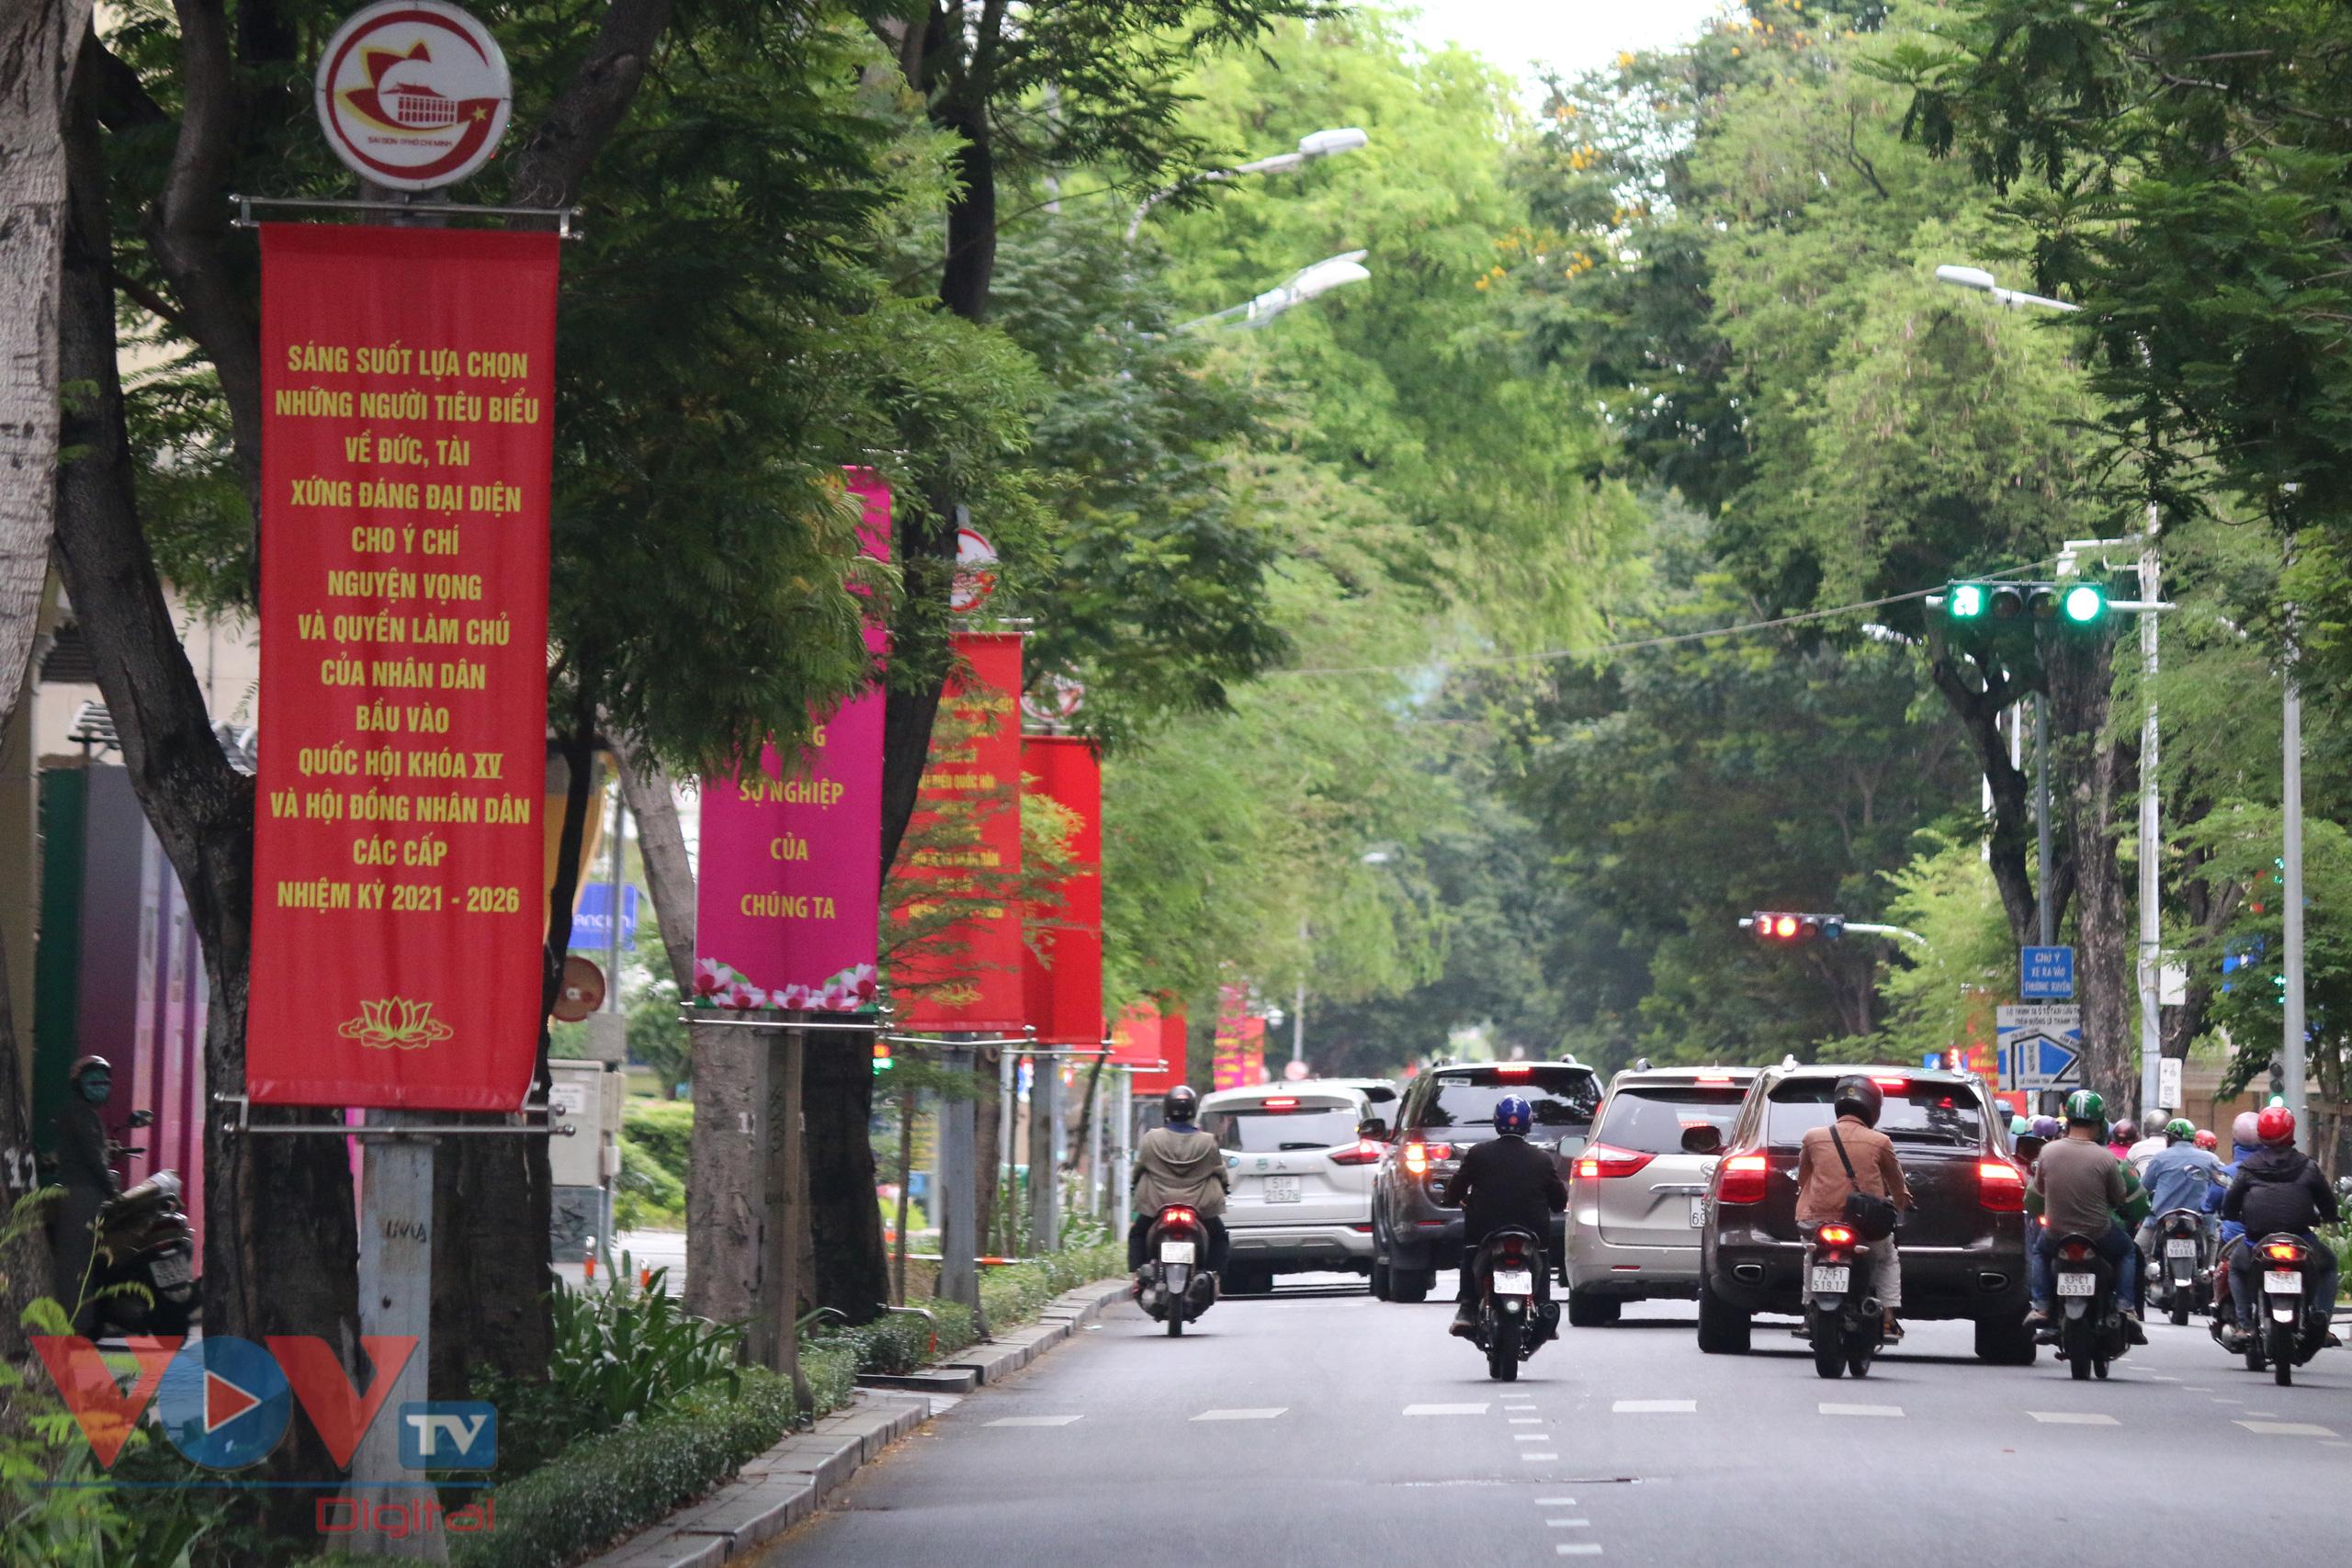 Những khẩu hiệu được treo dọc các tuyến đường để tuyên truyền vận động nhân dân tham gia đi bầu, sáng suốt lựa chọn những người có đủ đức tài